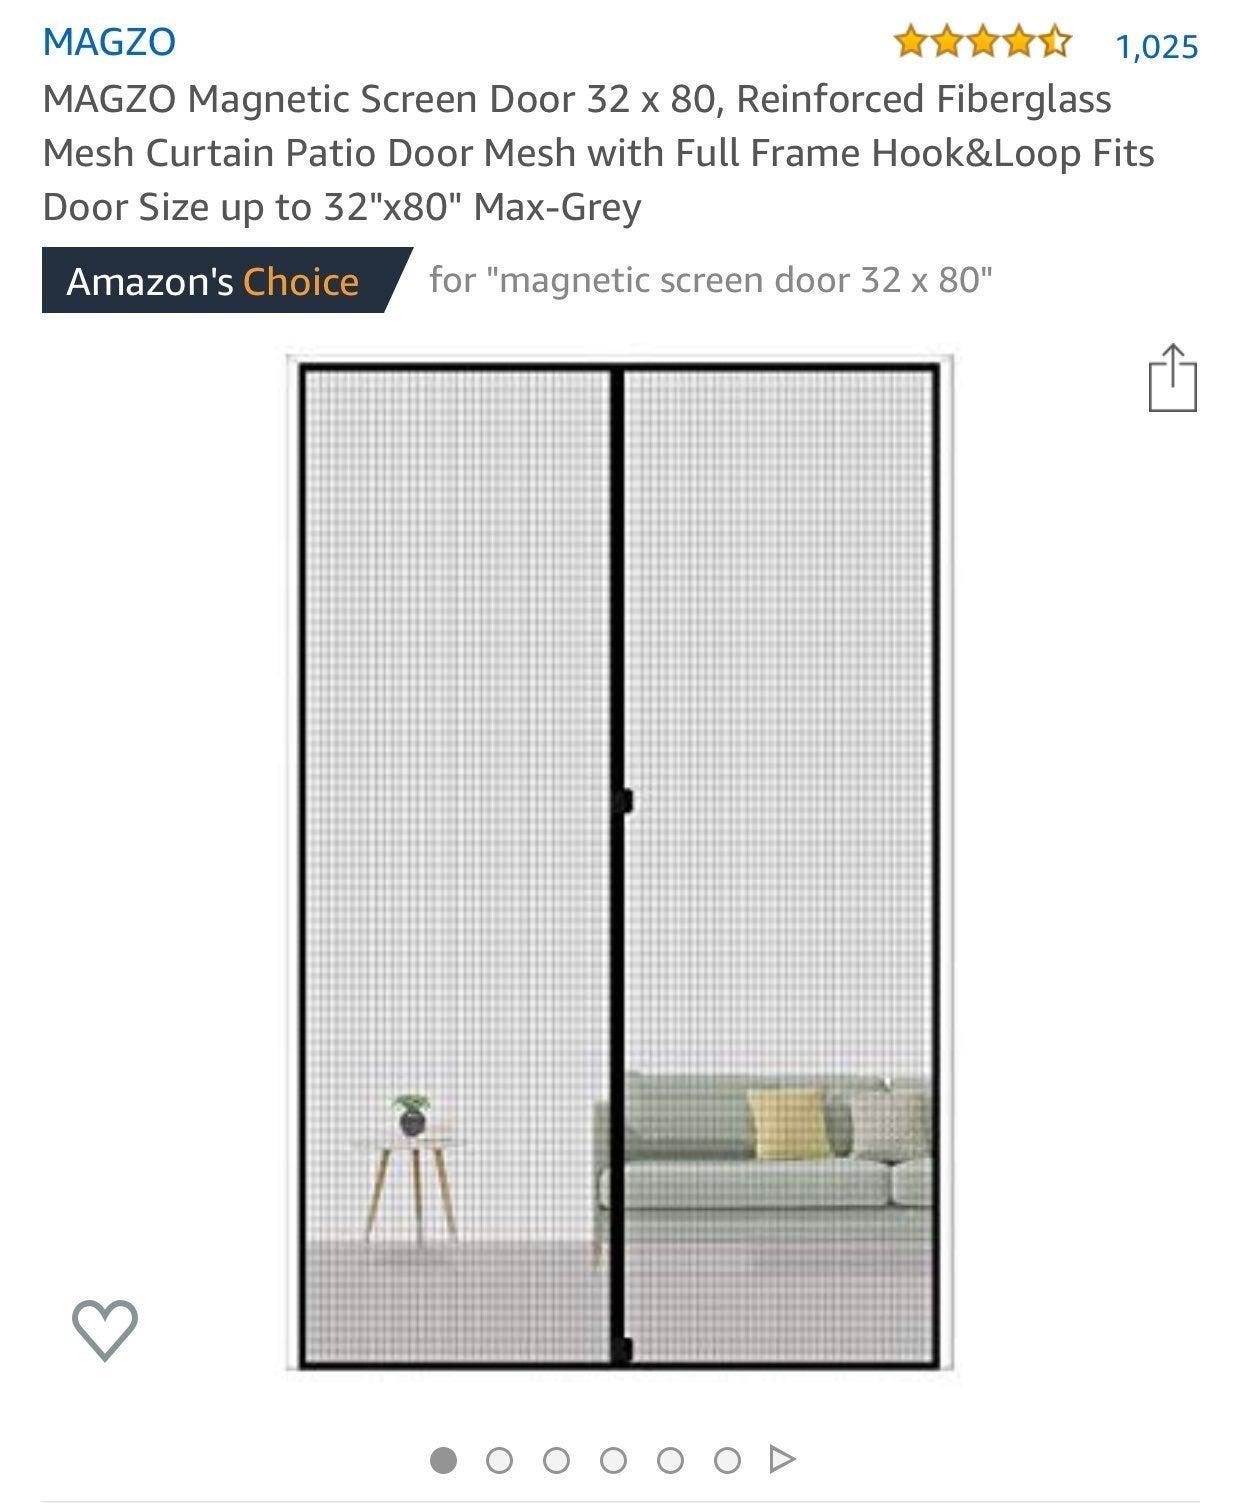 MAGZO Magnetic Screen Door 32 x 80